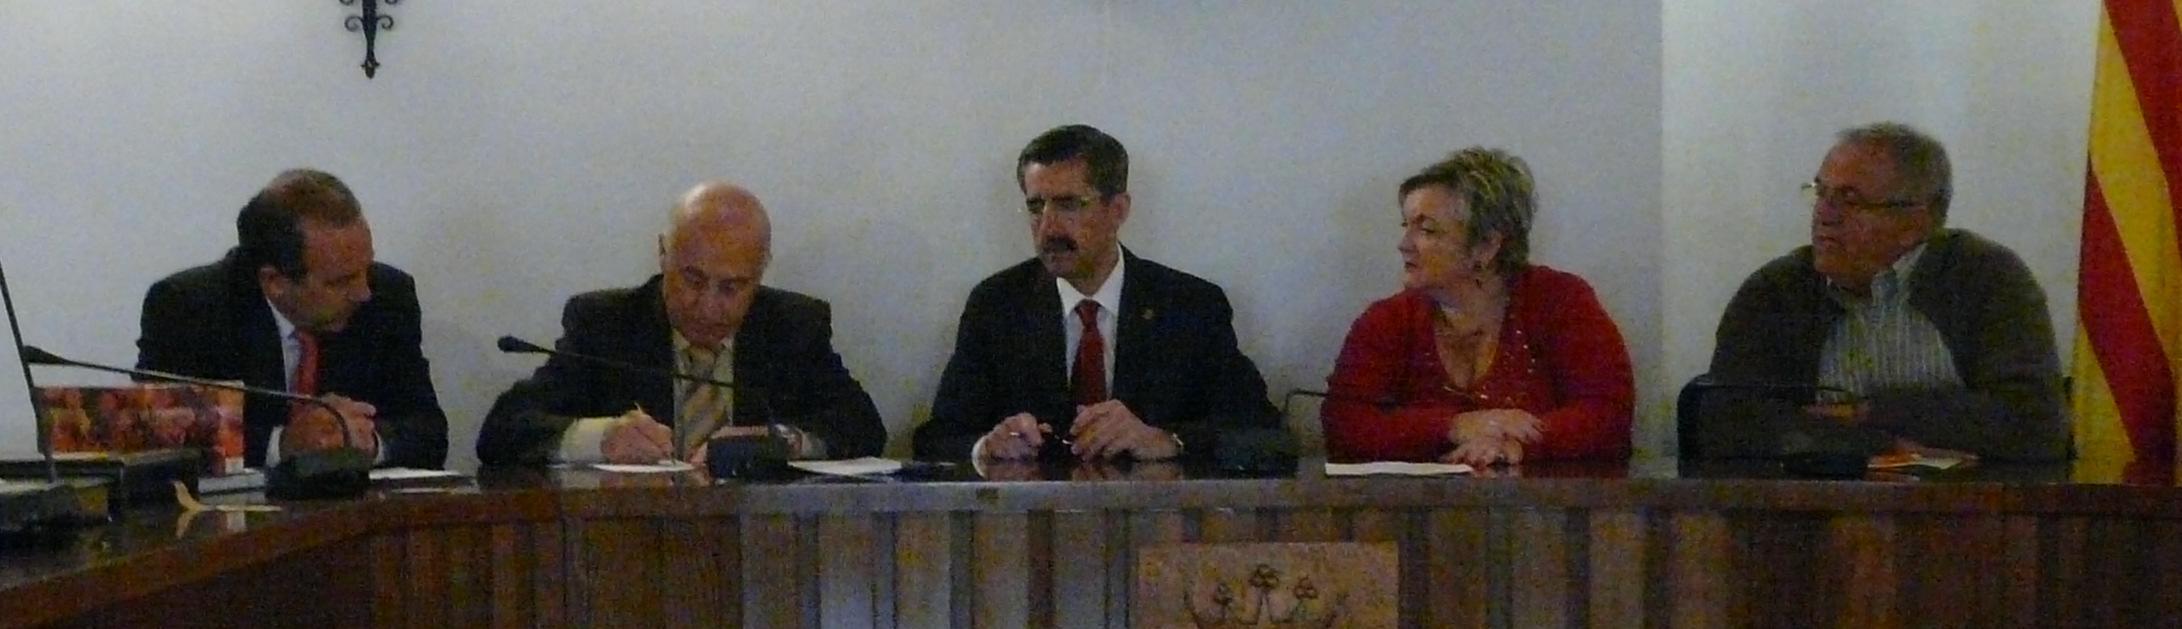 El Síndic de Greuges firma un convenio con el Ayuntamiento de L'Eliana